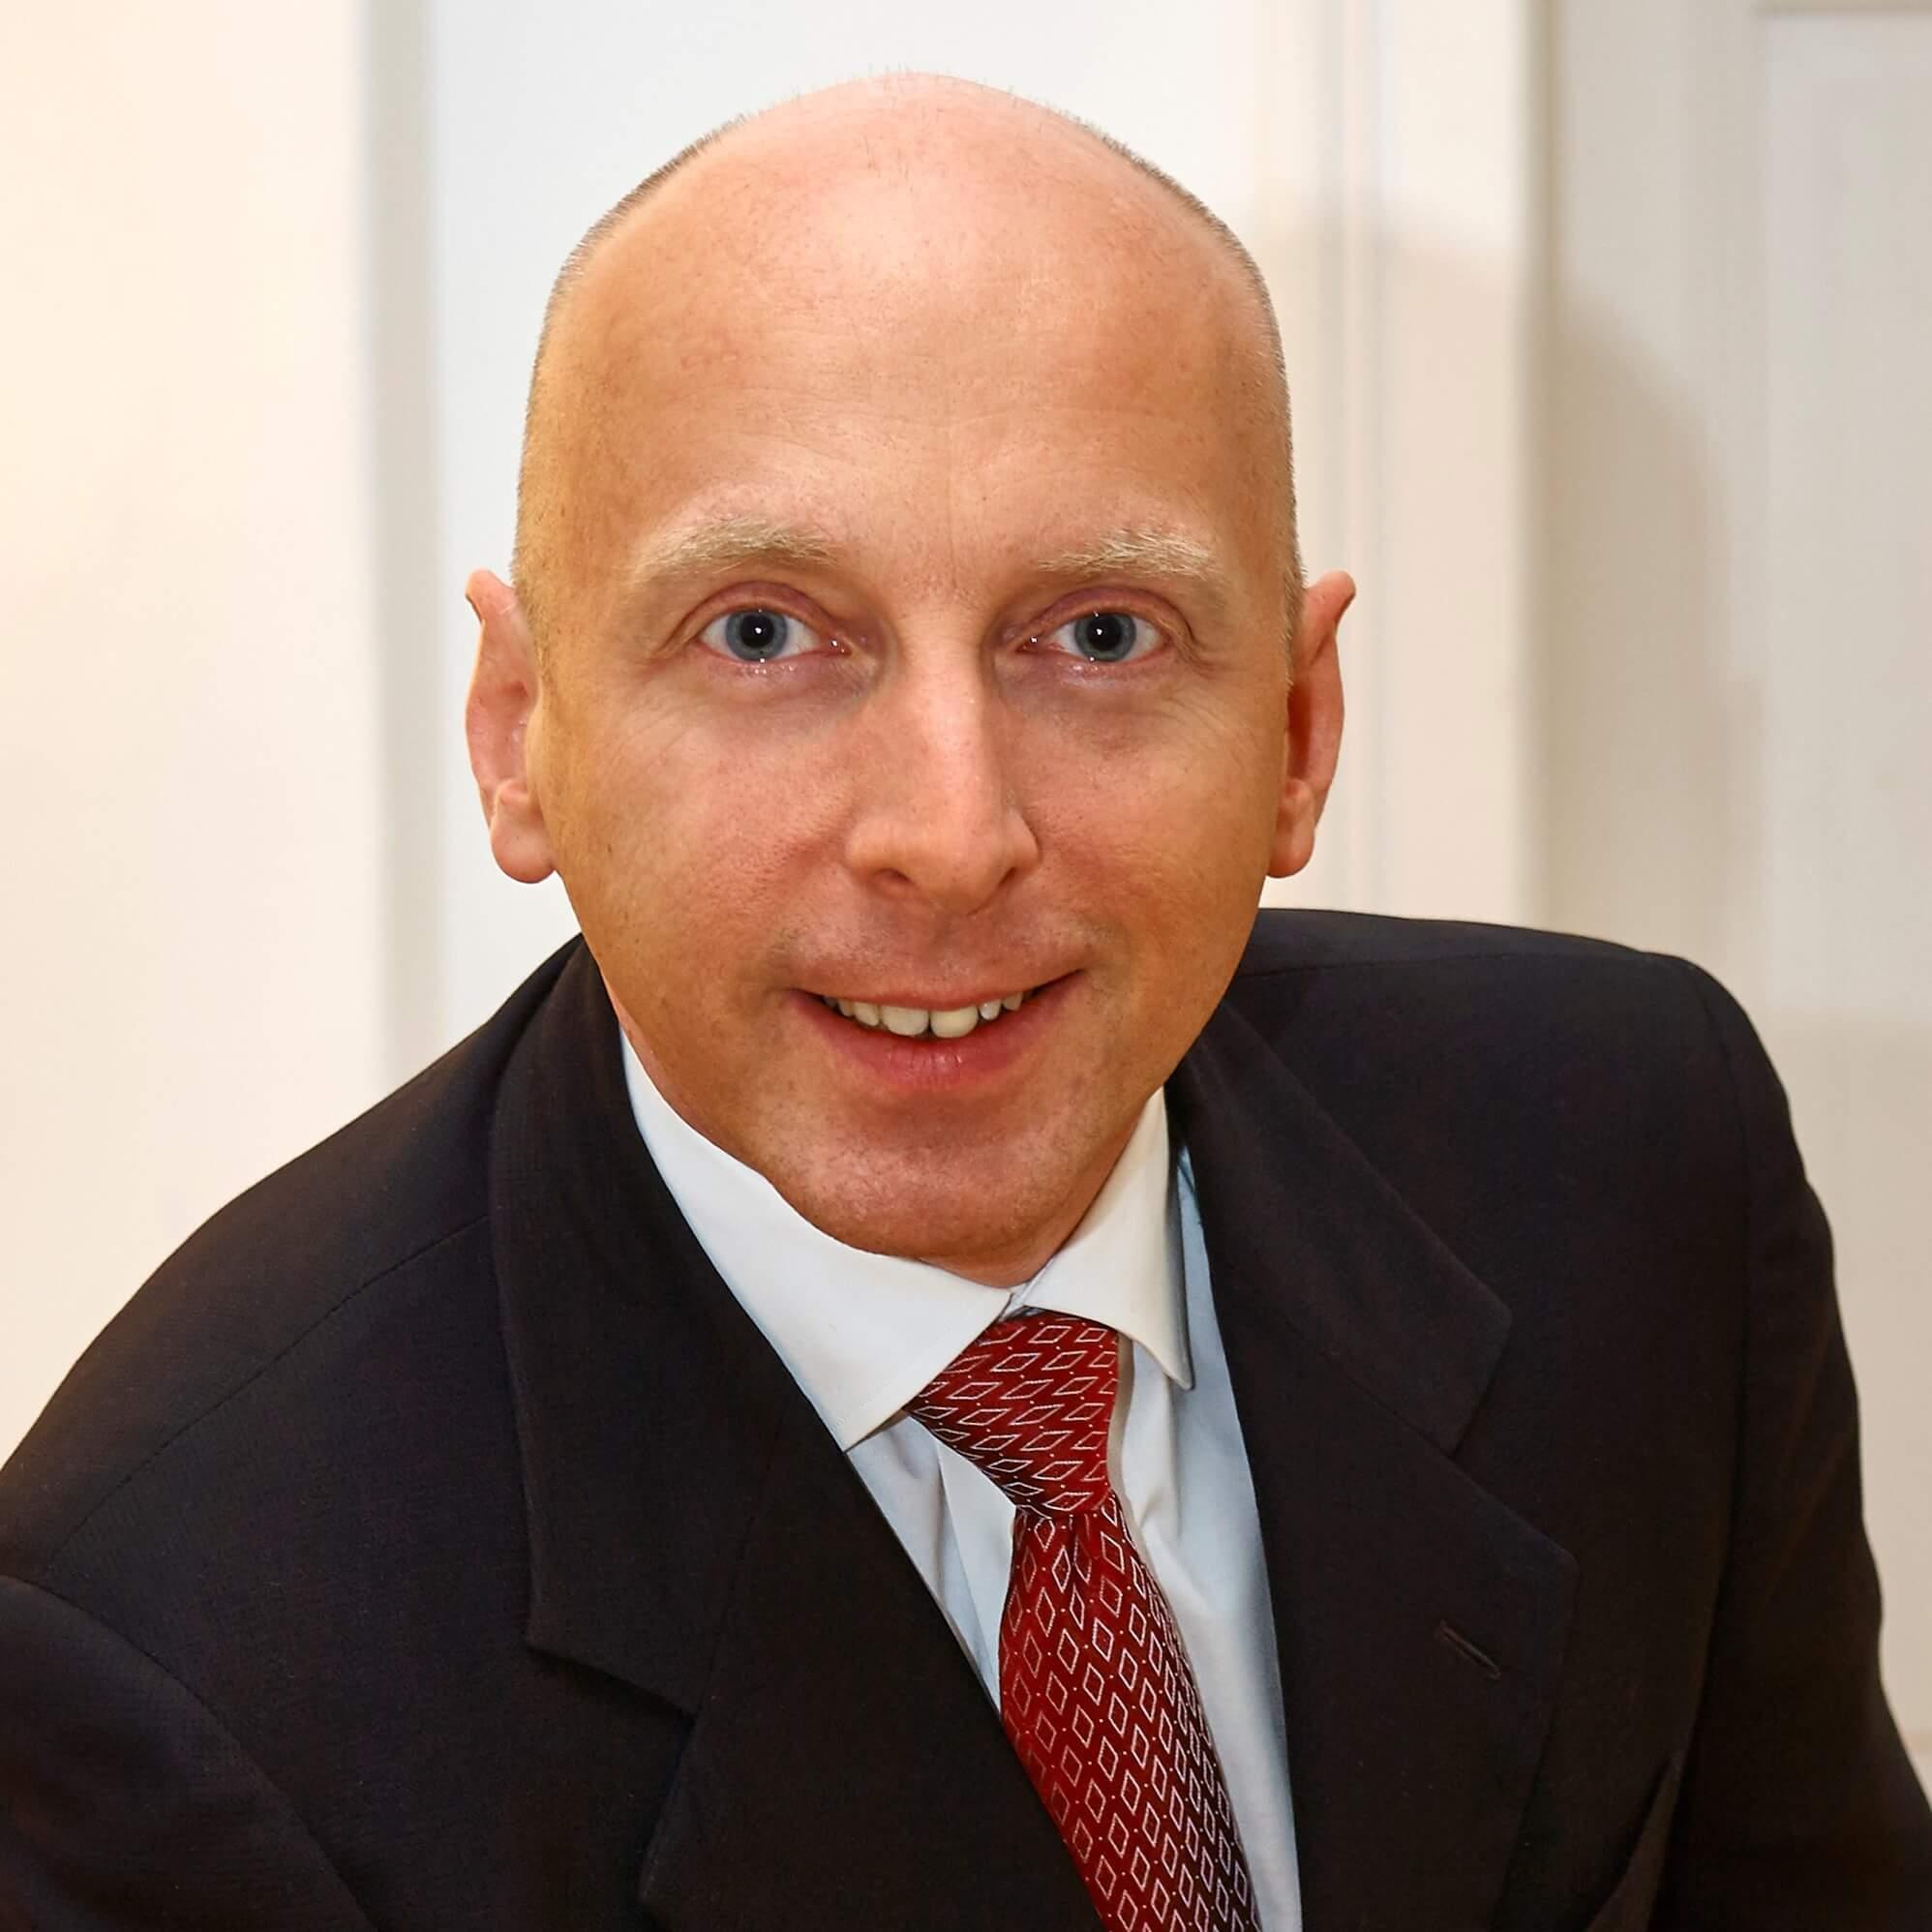 Joachim Schönke